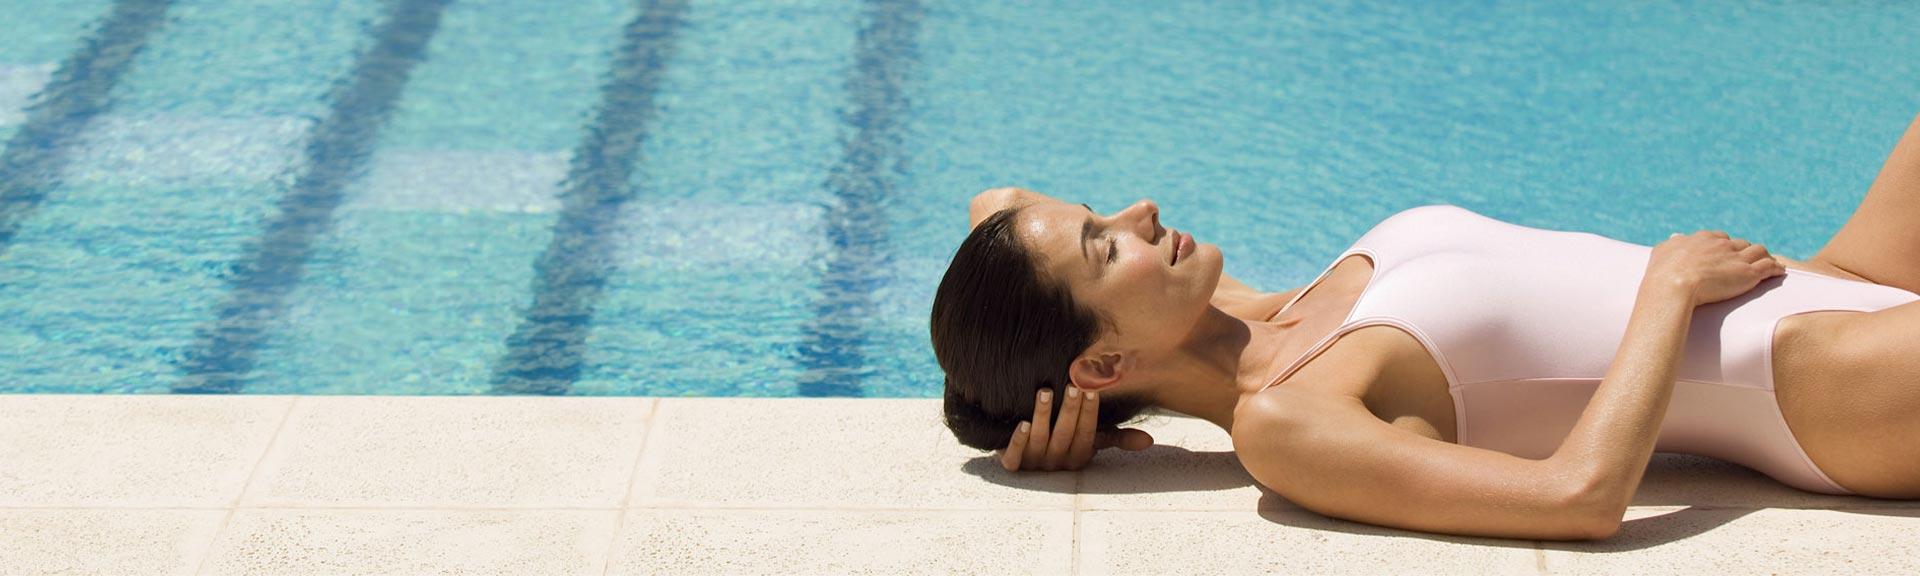 Luftentfeuchtung Schwimmbäder